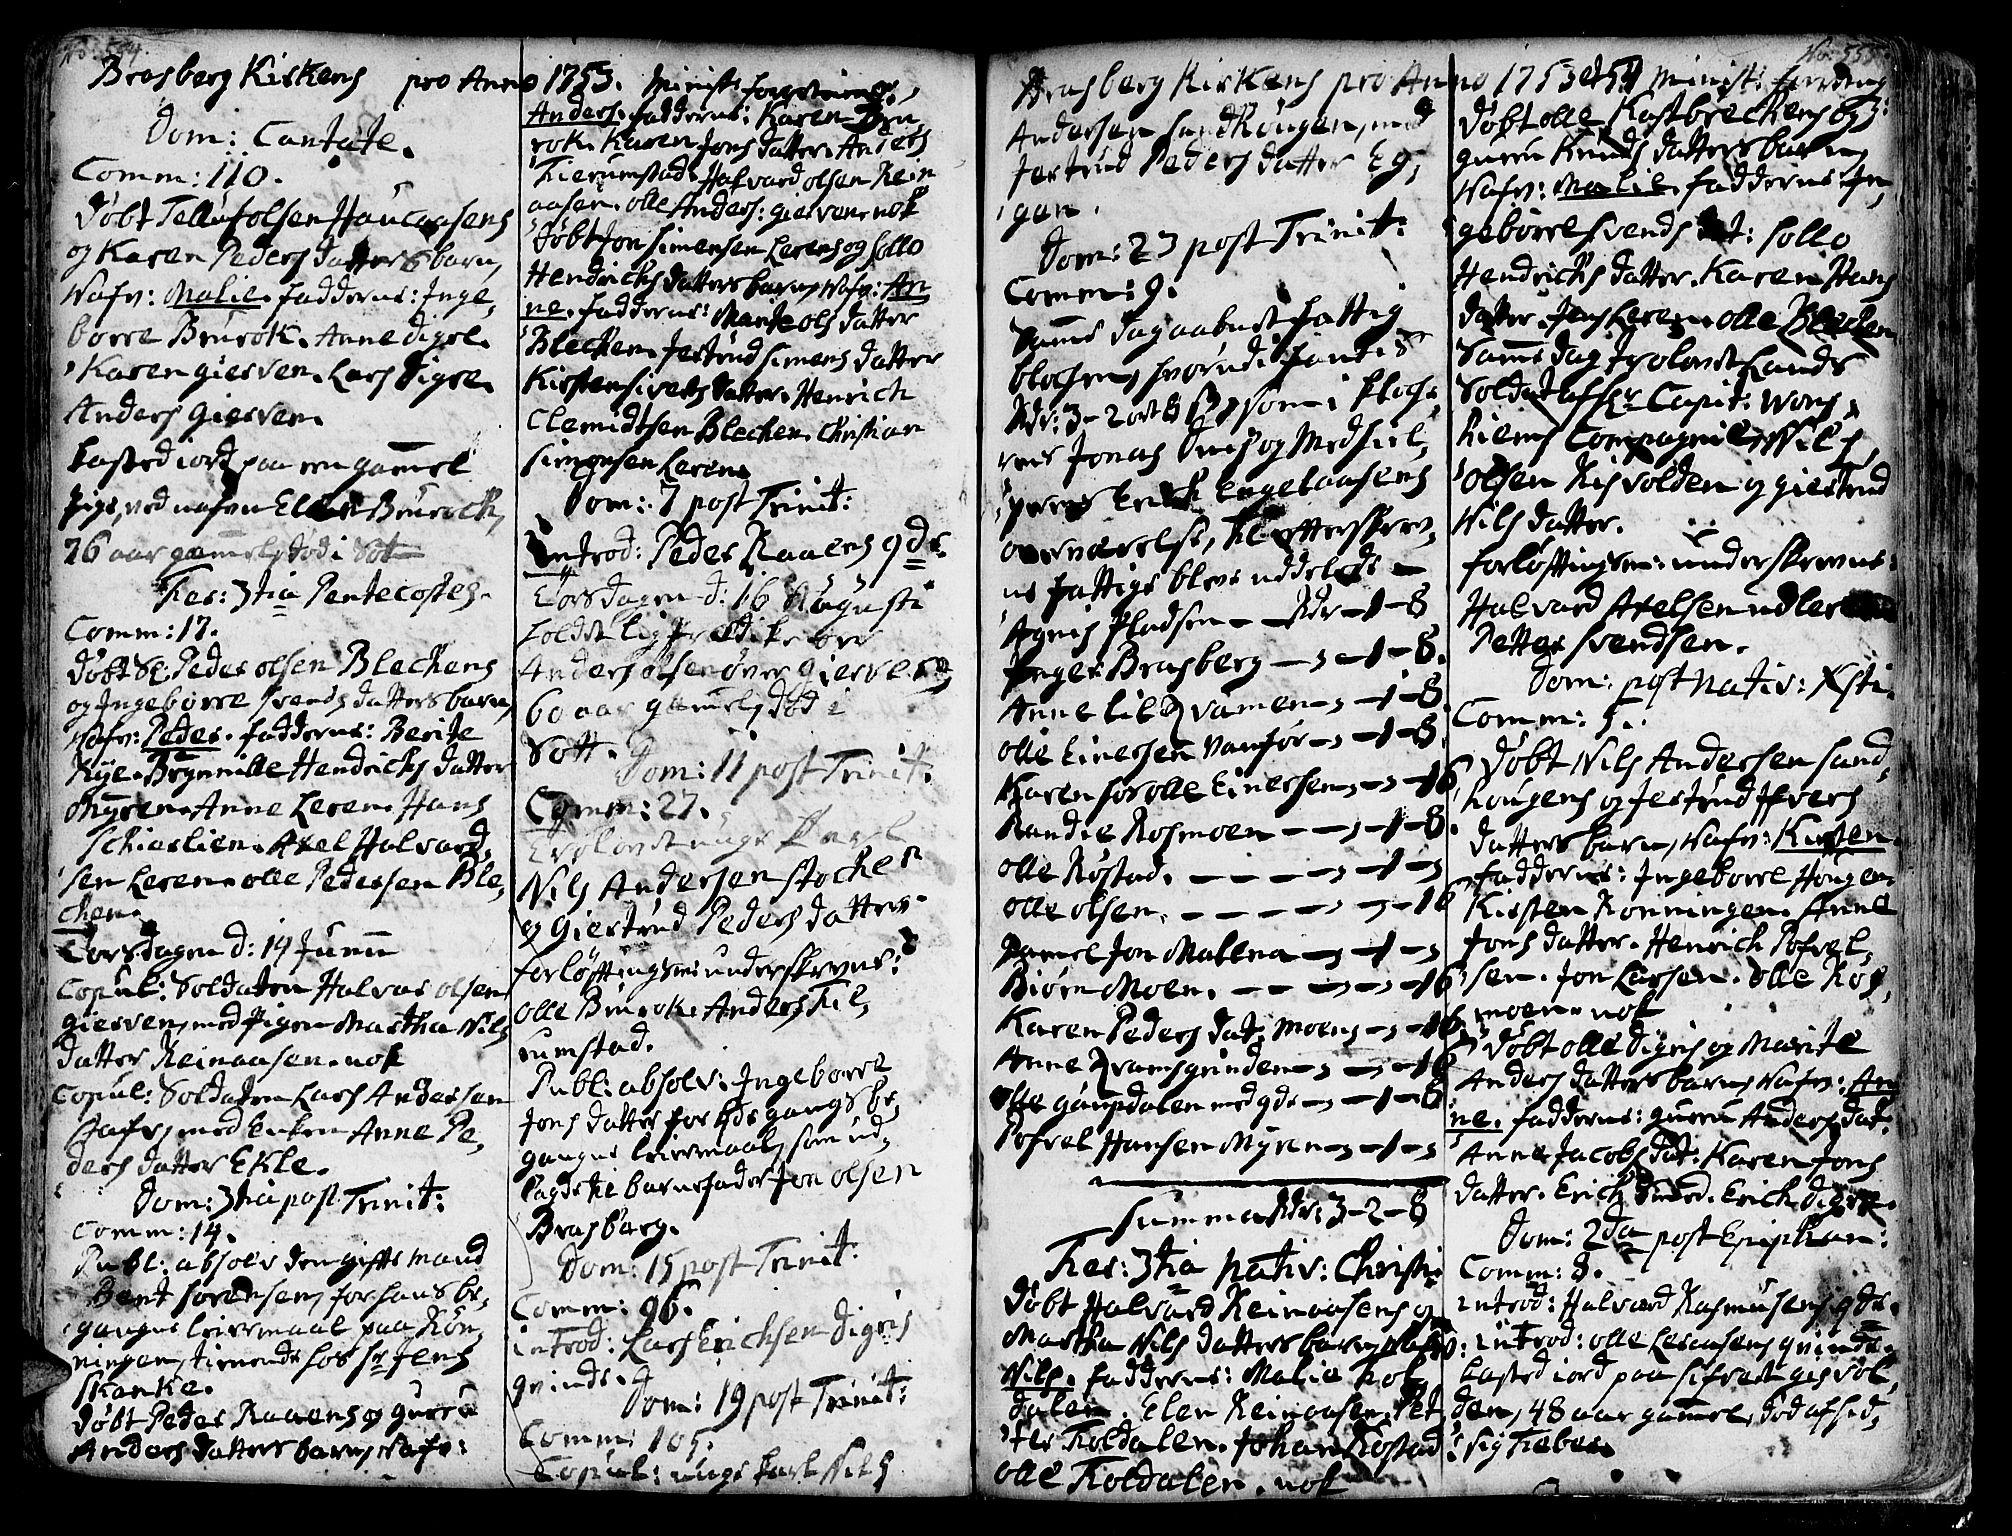 SAT, Ministerialprotokoller, klokkerbøker og fødselsregistre - Sør-Trøndelag, 606/L0278: Ministerialbok nr. 606A01 /4, 1727-1780, s. 554-555